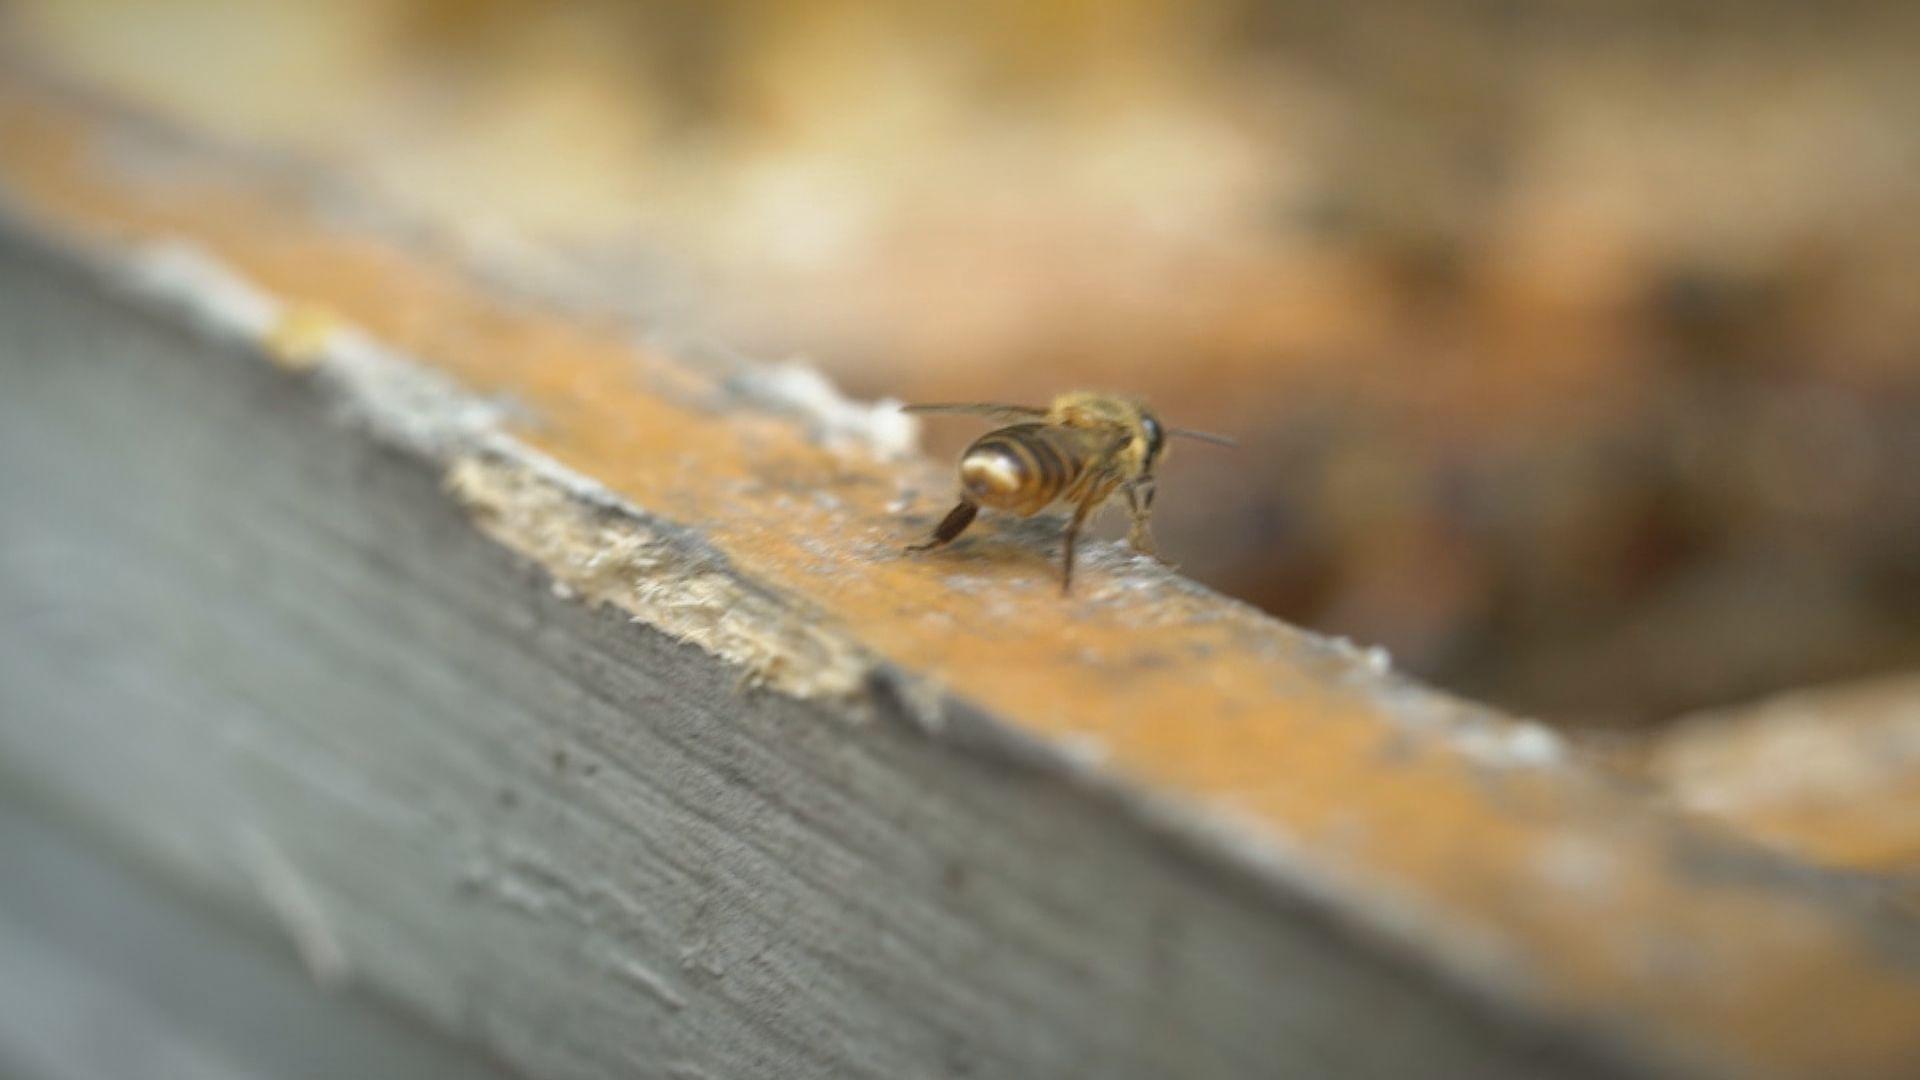 【經緯線本周提要】嘉道理農場:保育蜜蜂需增加蜜源